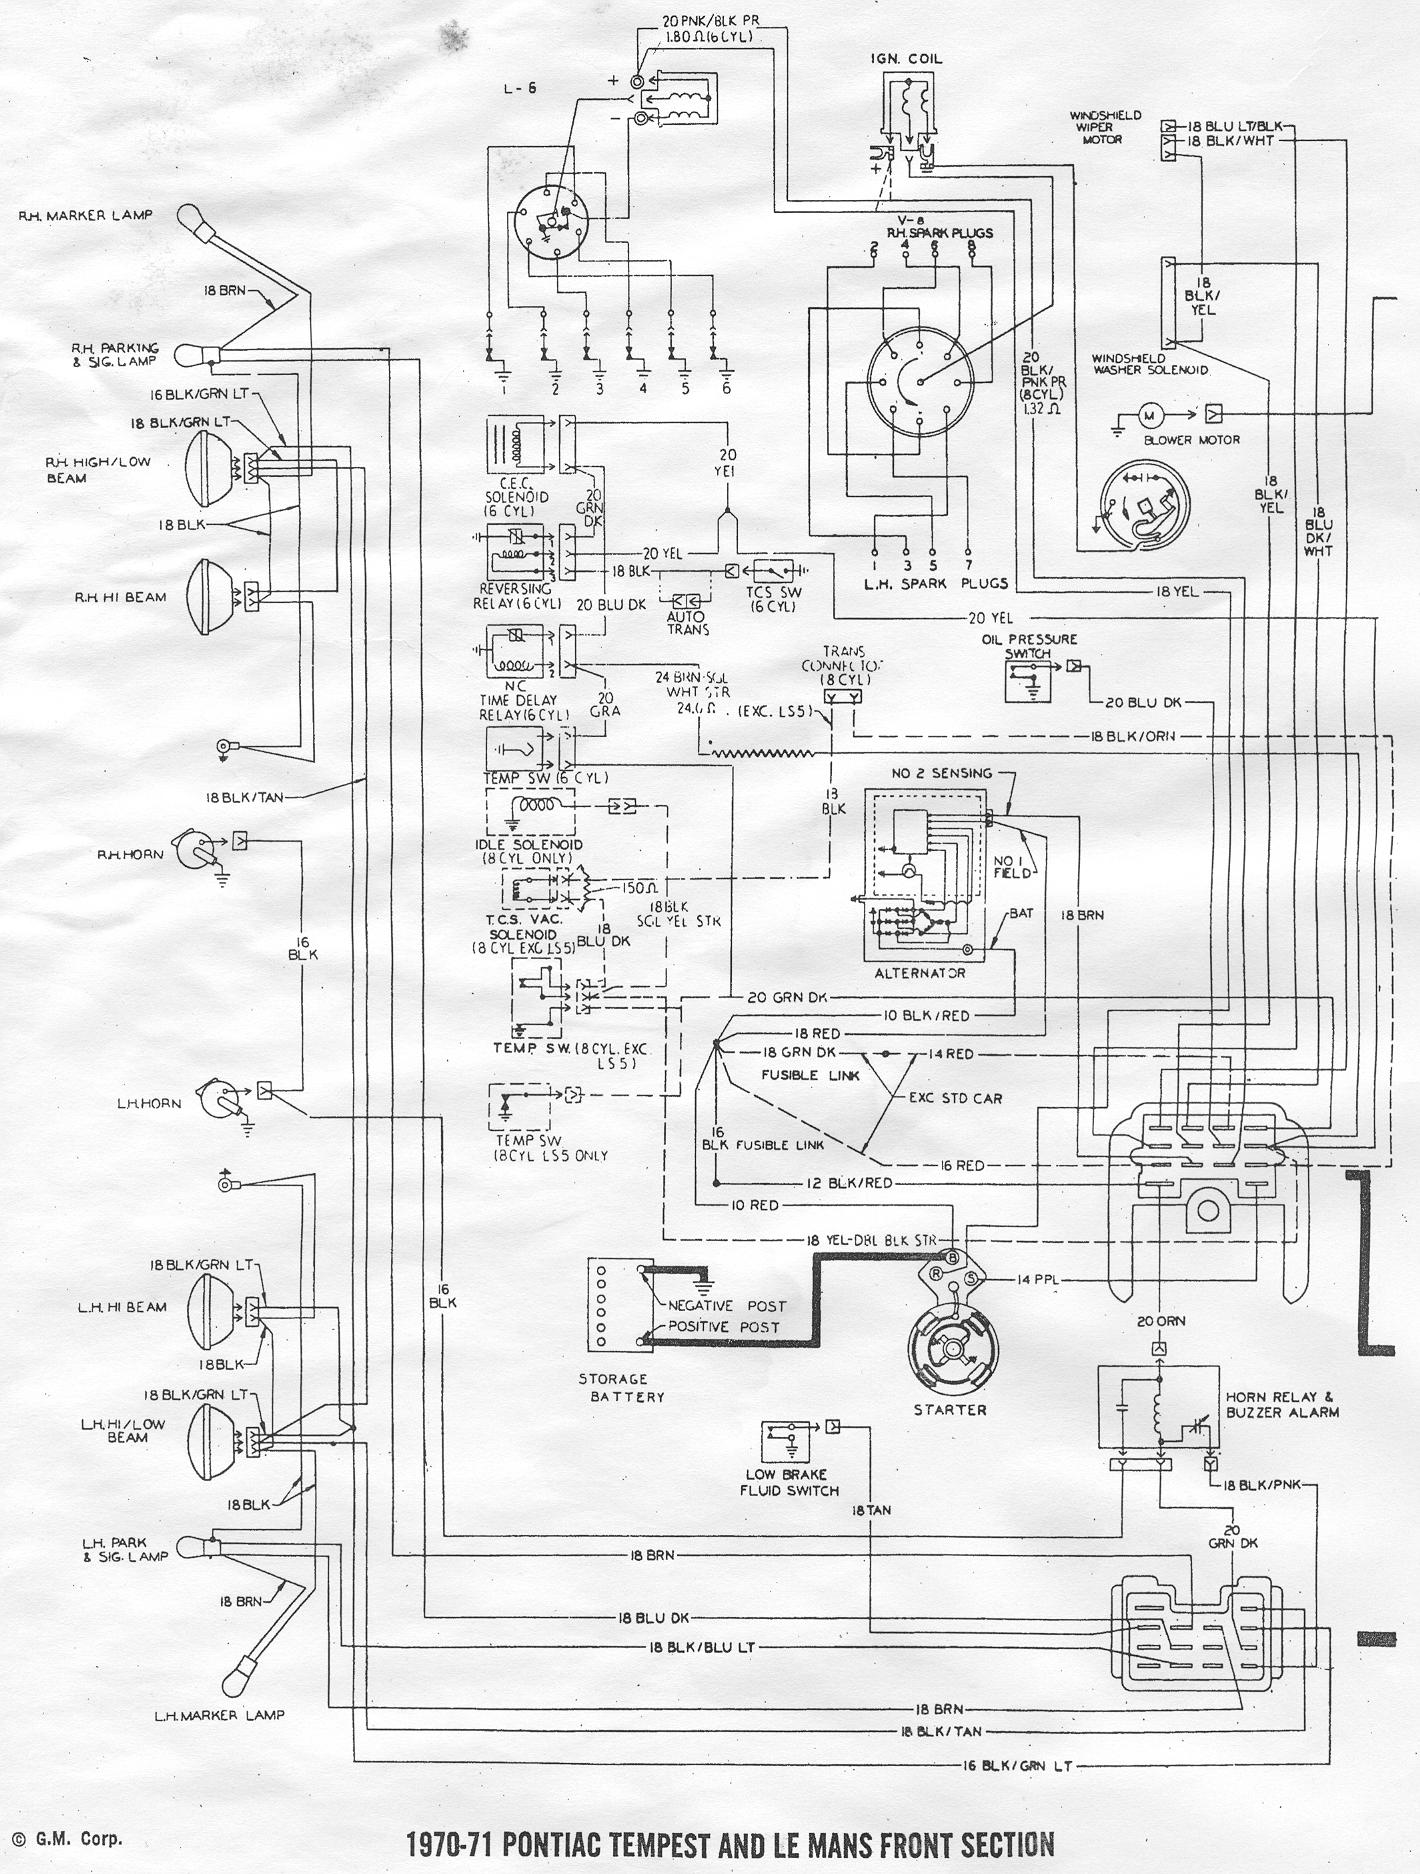 wiring diagram for 1994 camaro tachometer wiring discover your 1970 camaro headlight wiring diagram 1970 home wiring diagrams